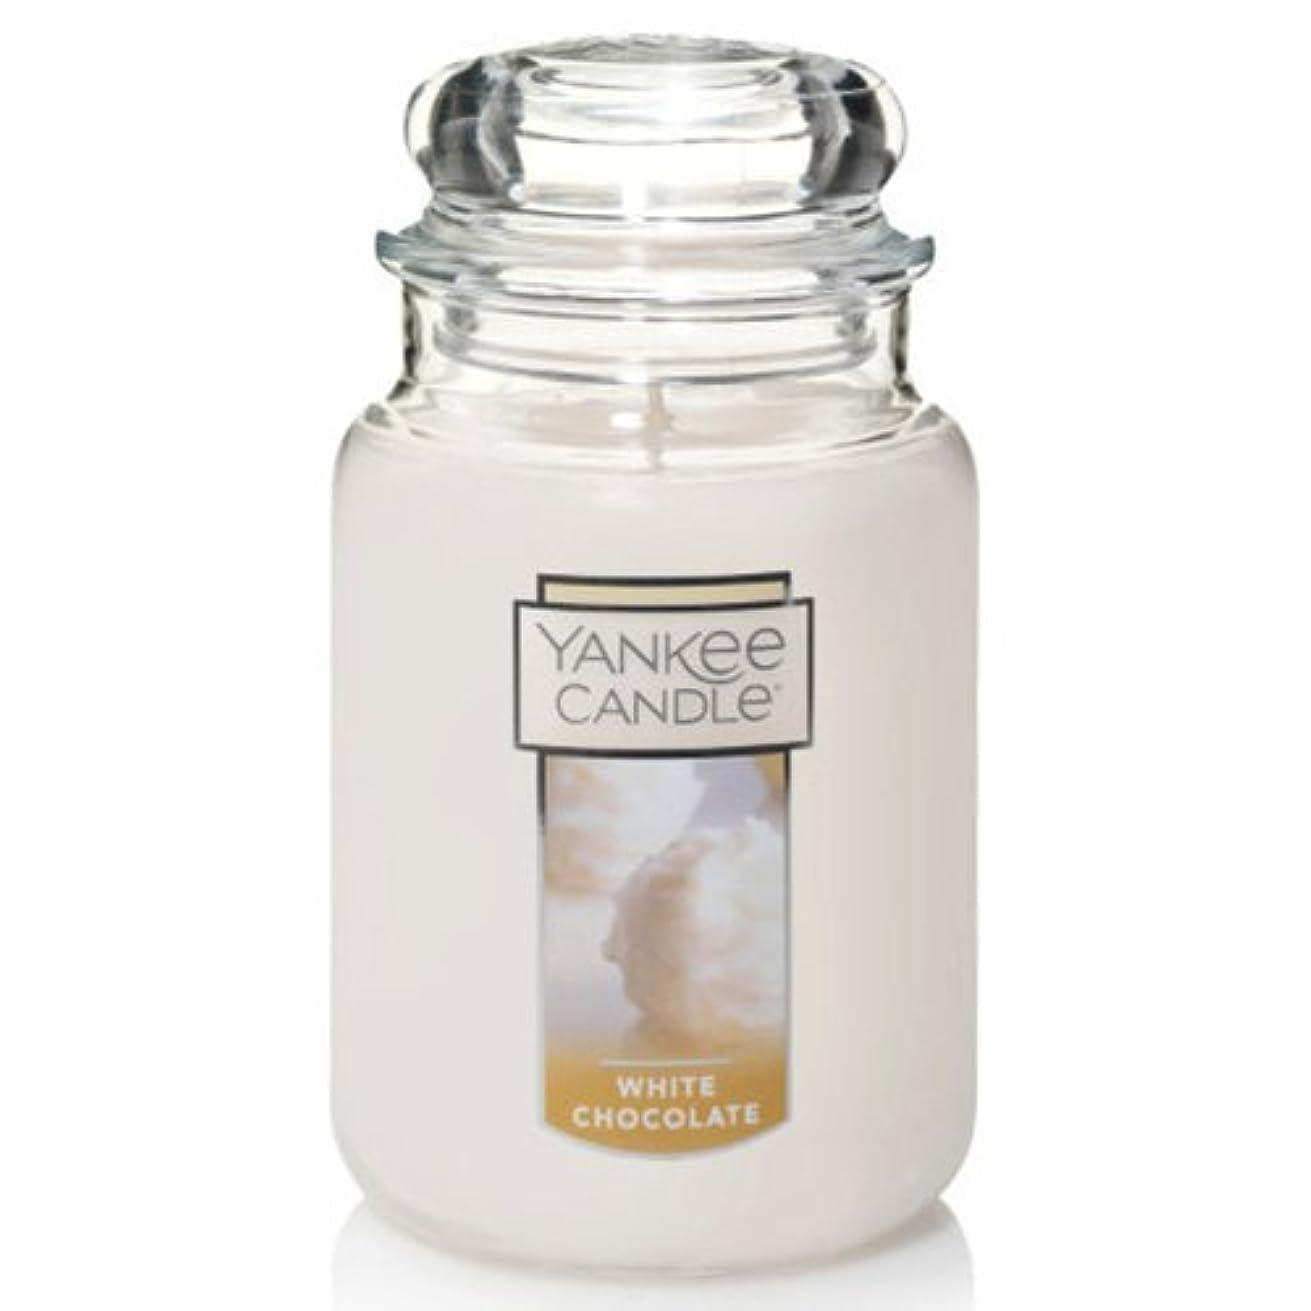 内部共役大胆不敵Yankee Candleホワイトチョコレート